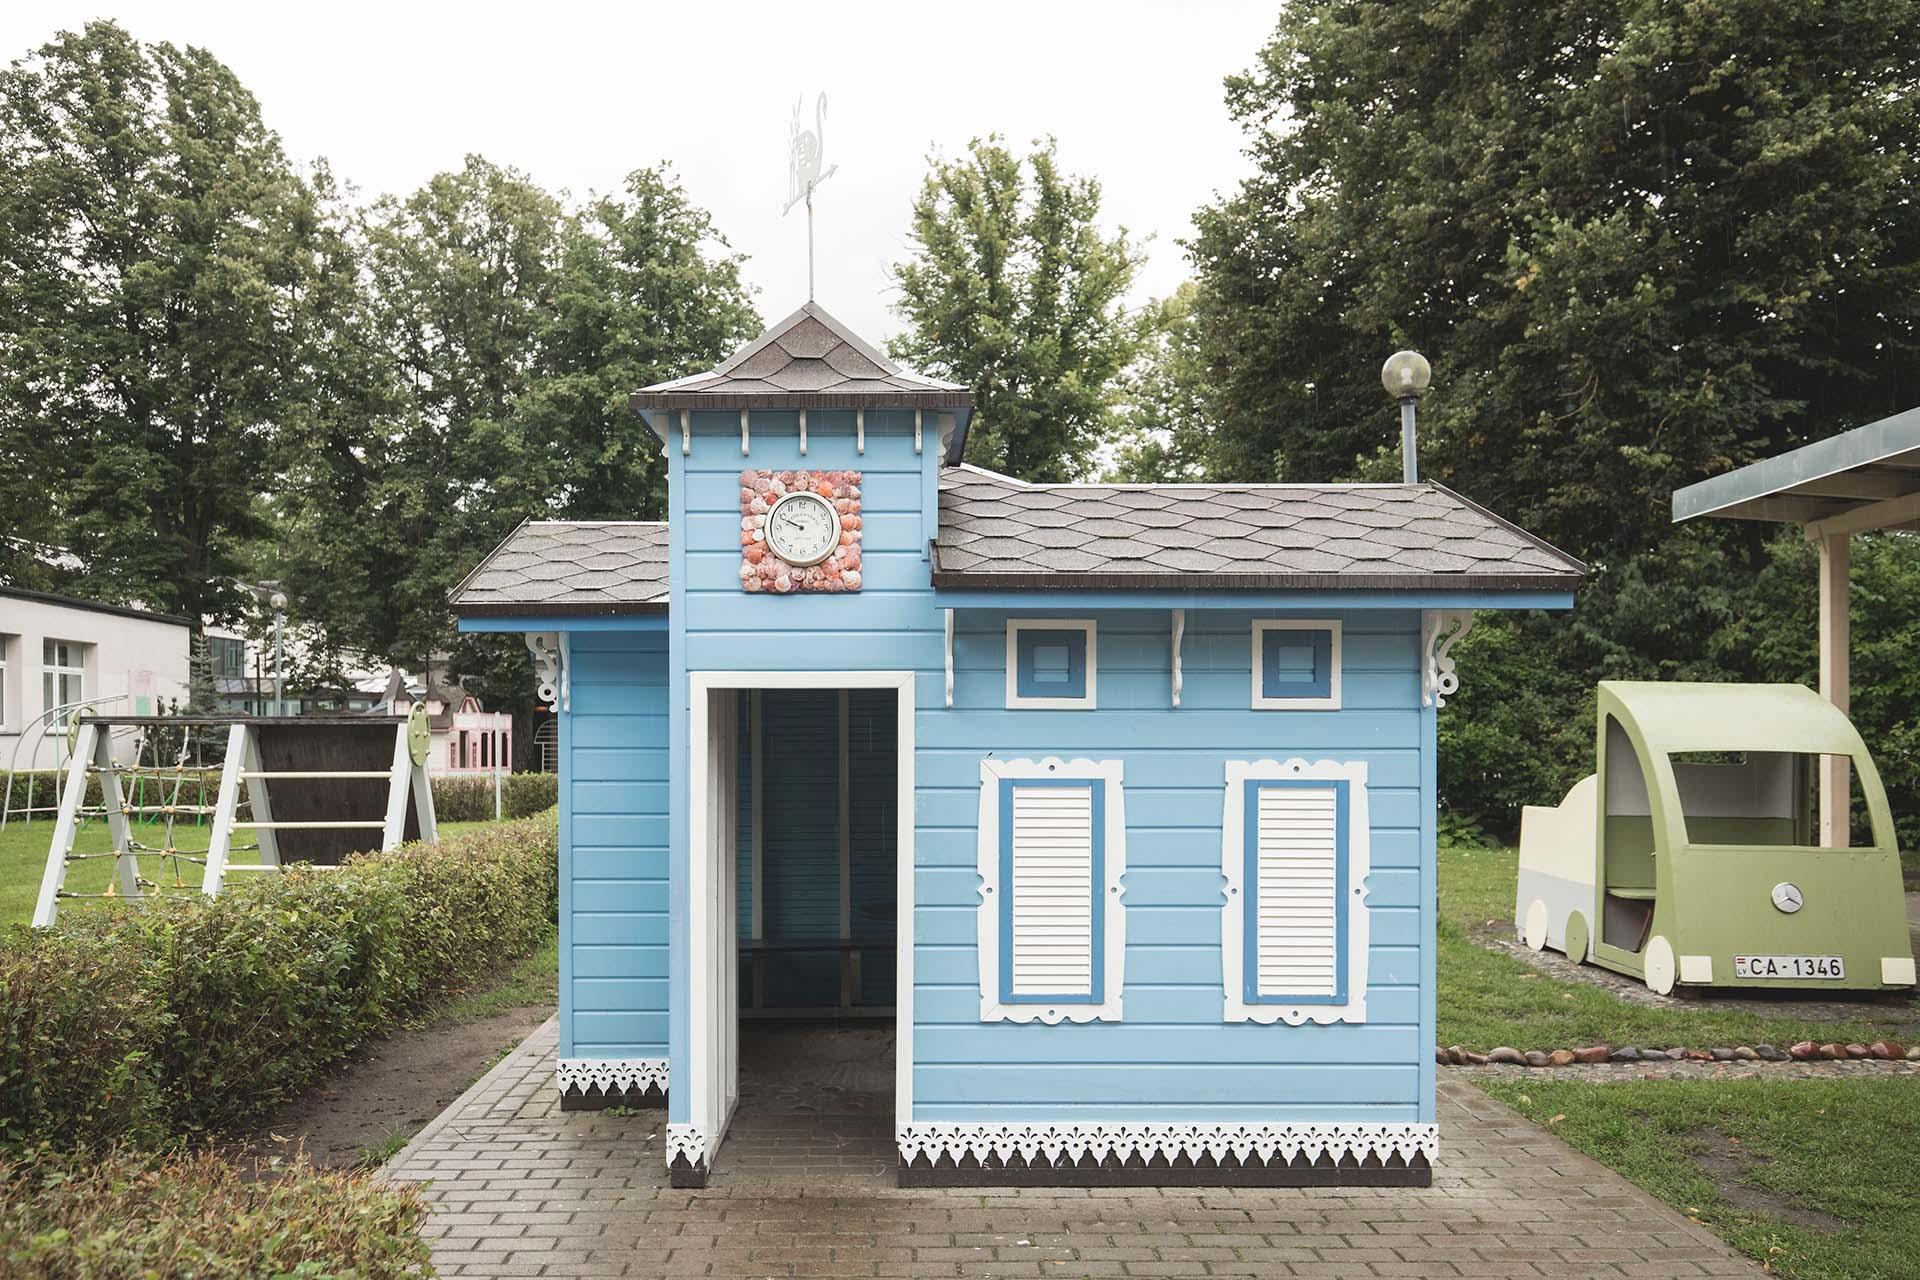 Rotaļu māja Liepājas bērnudārzā